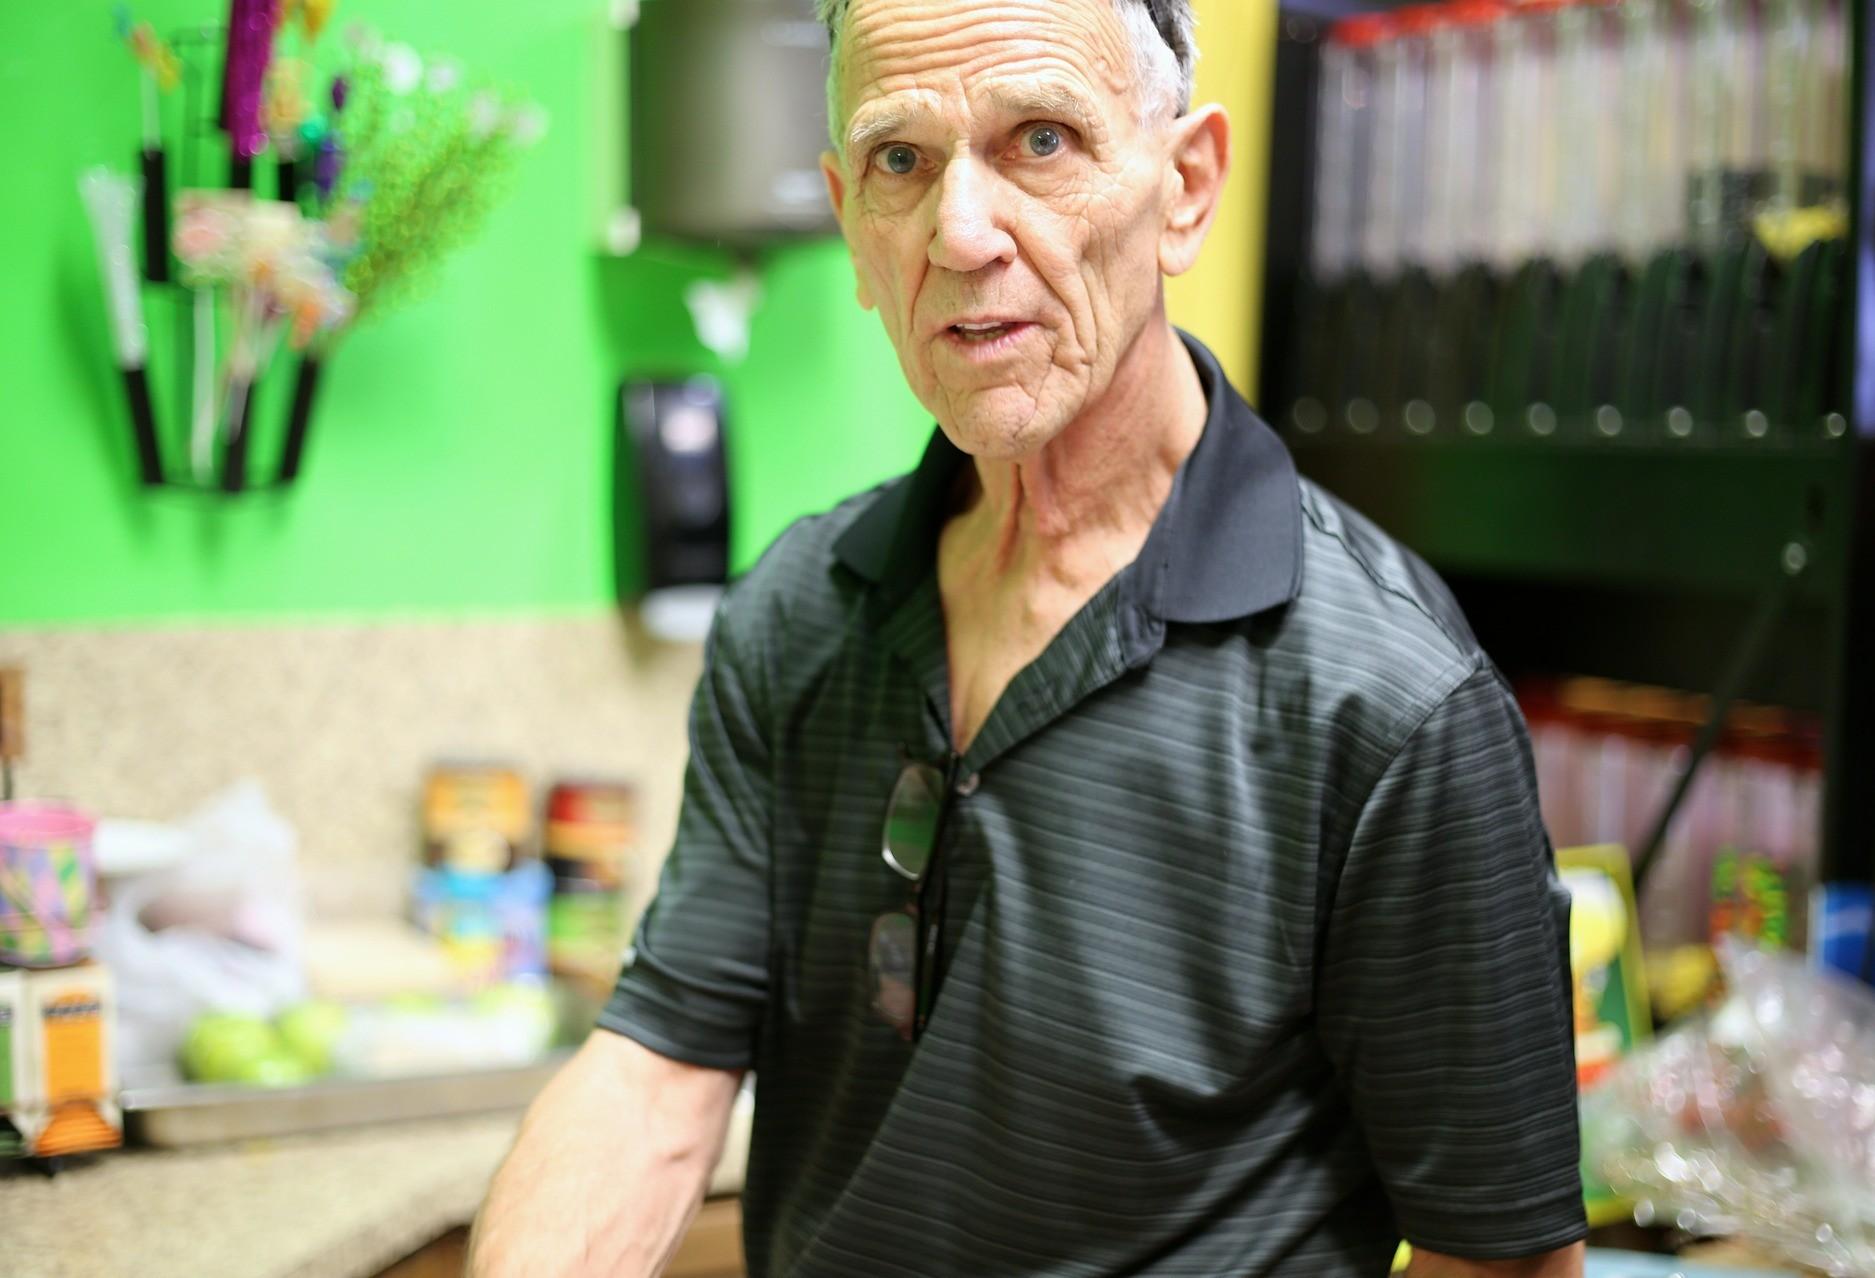 Isolamento social aumenta riscos de acidentes domésticos com idosos